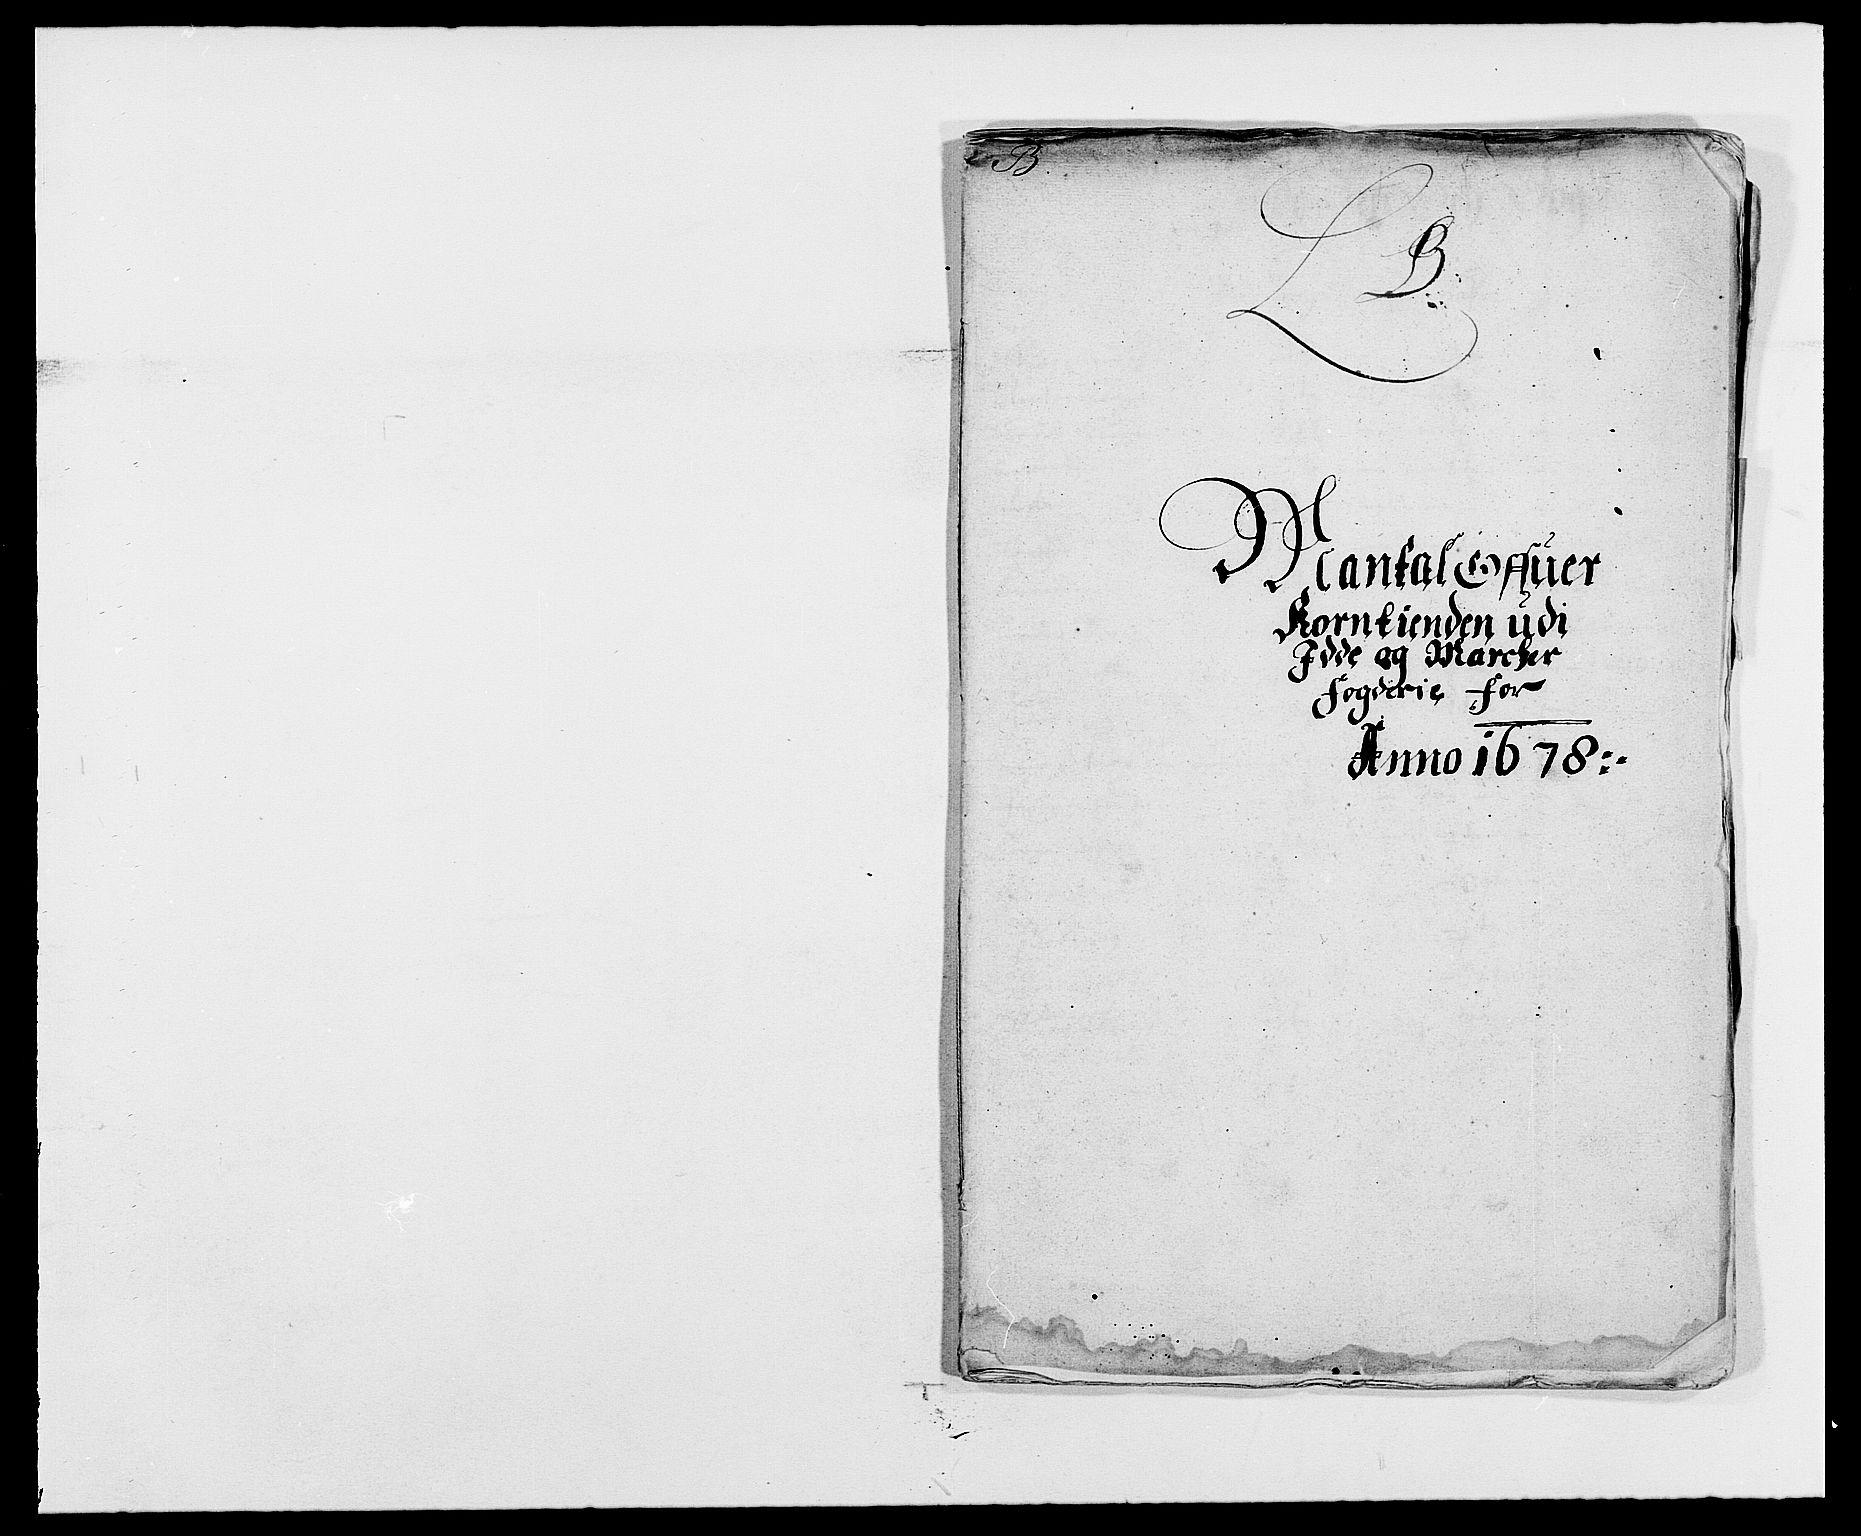 RA, Rentekammeret inntil 1814, Reviderte regnskaper, Fogderegnskap, R01/L0001: Fogderegnskap Idd og Marker, 1678-1679, s. 49